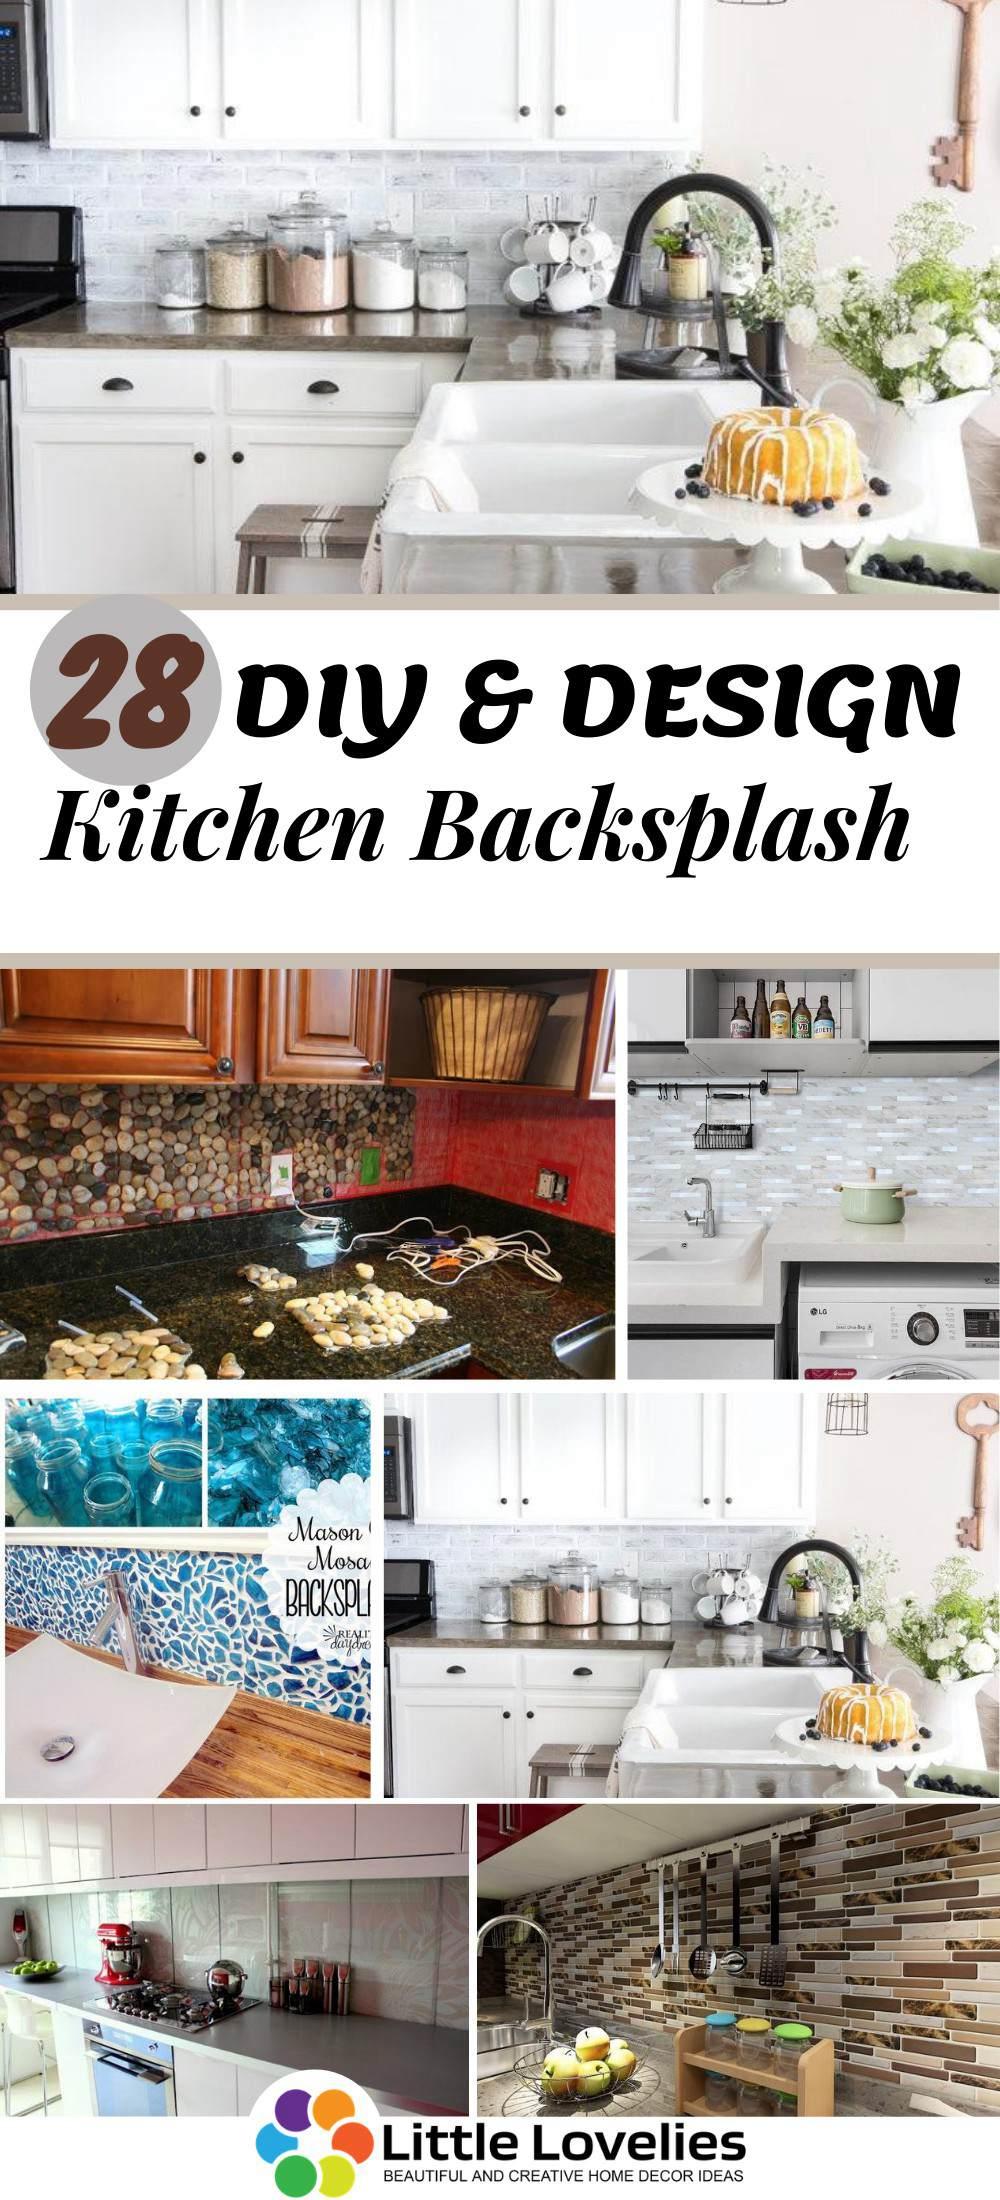 28 Diy Kitchen Backsplash Ideas That Will Make Your Kitchen Look Great